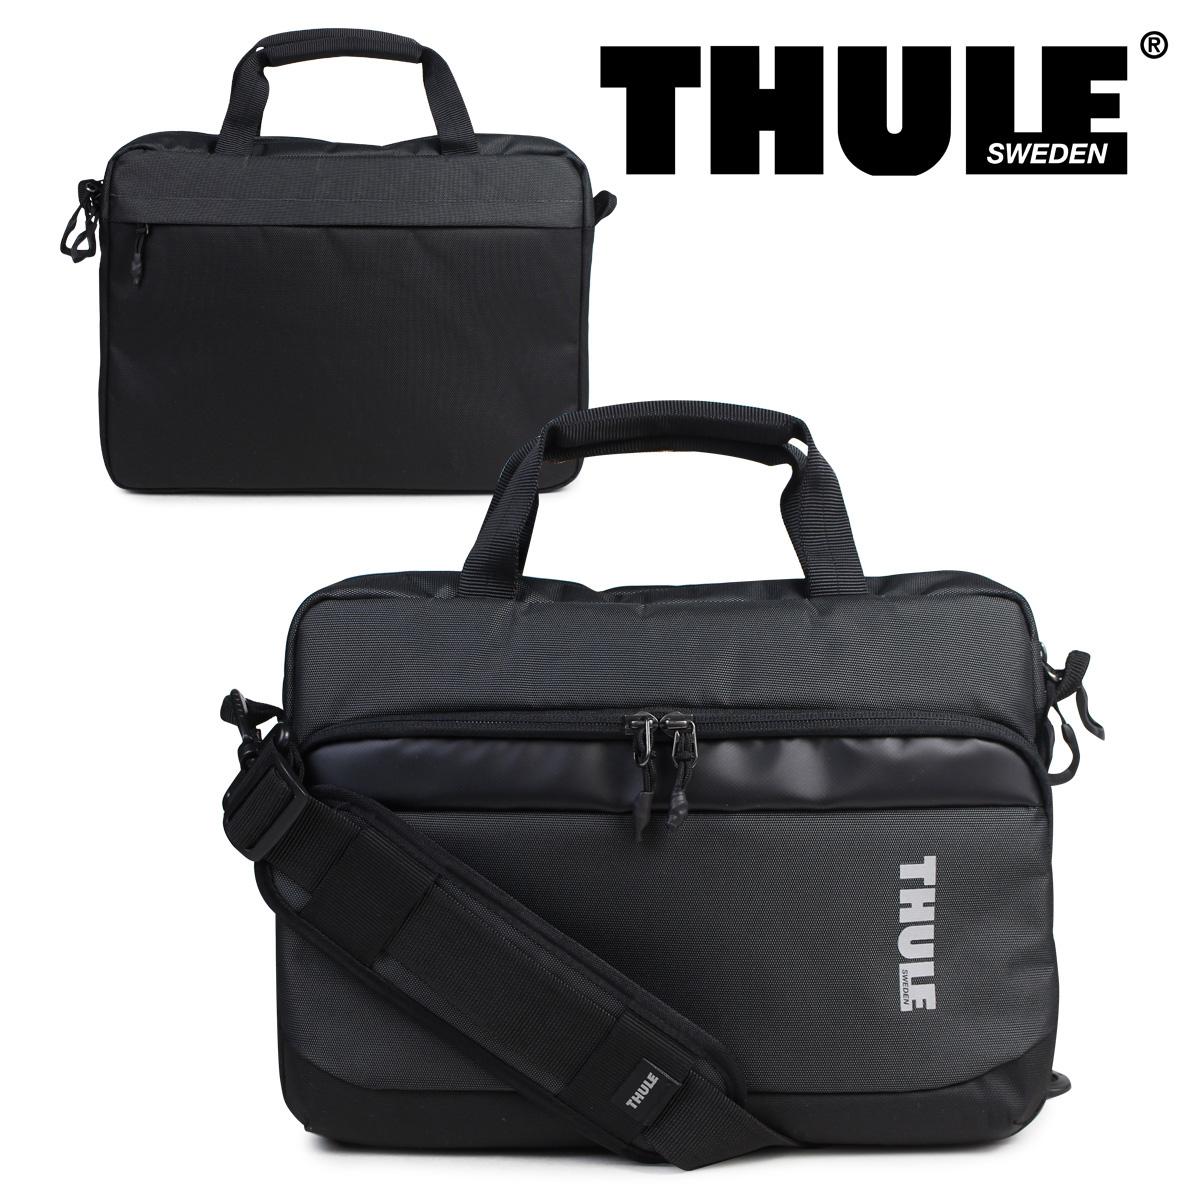 THULE スーリー バッグ ショルダーバッグ ビジネス メンズ ブリーフケース SUBTERRA 13 TSAE2113 32029531 グレー